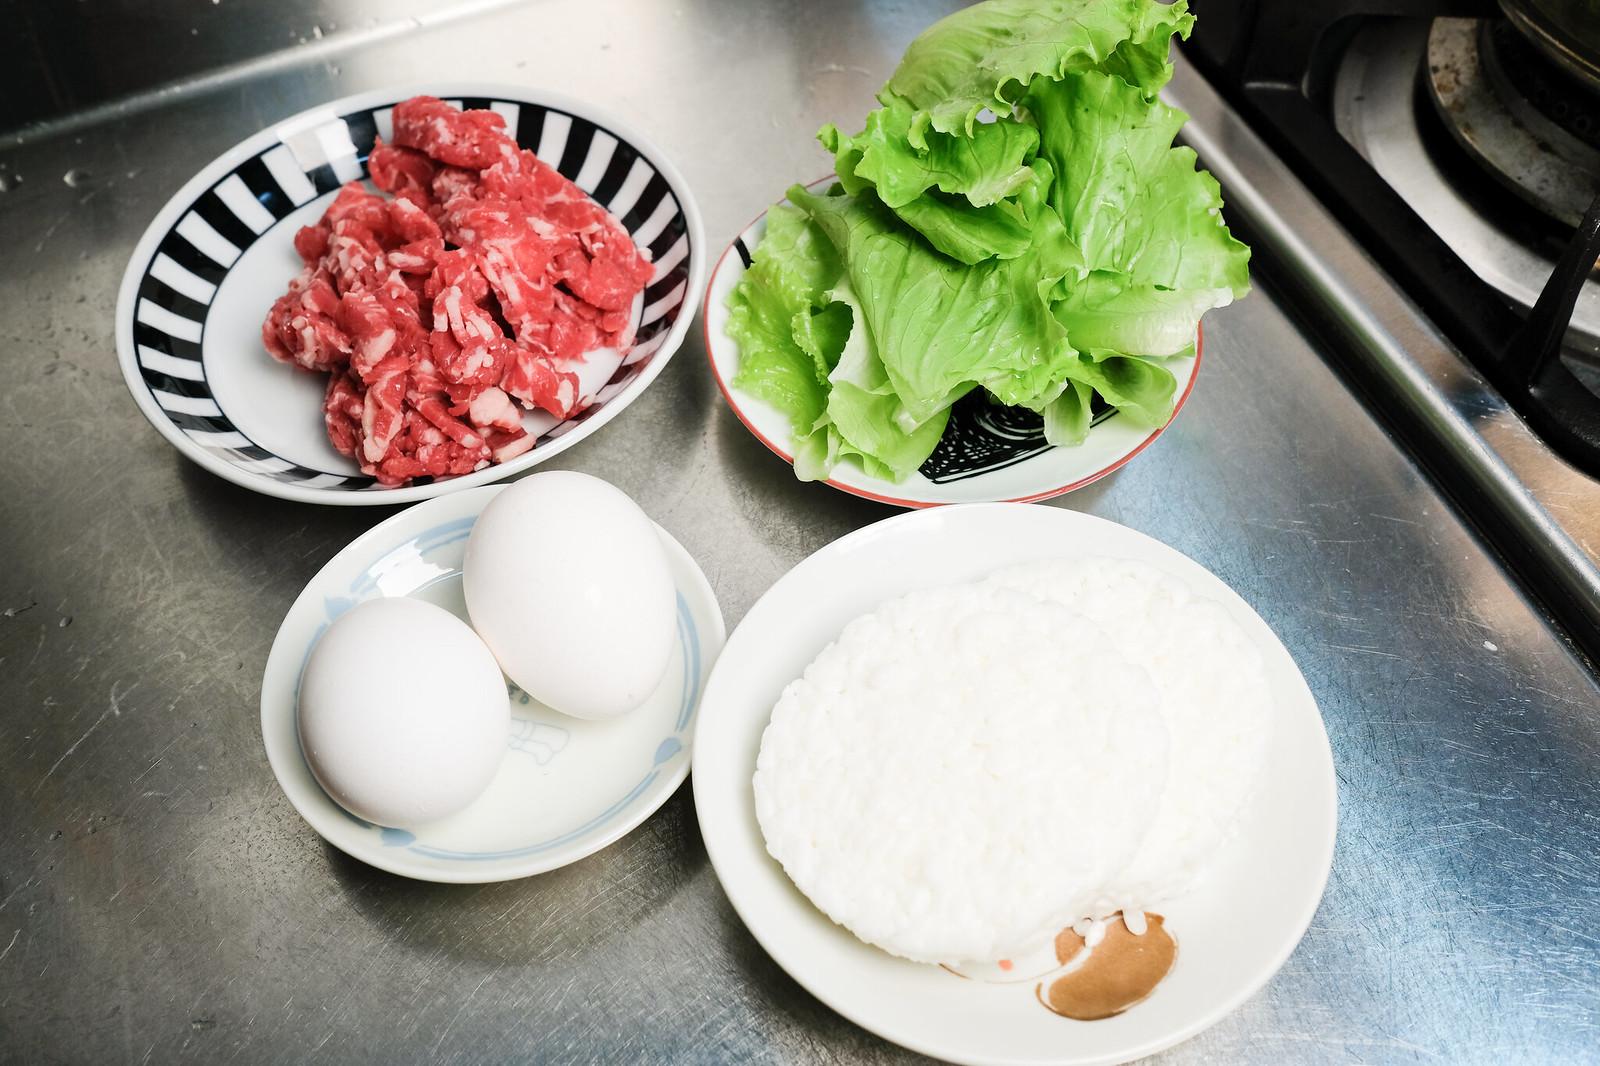 老協珍熬湯粥-牛肉蔬菜滑蛋-準備食材